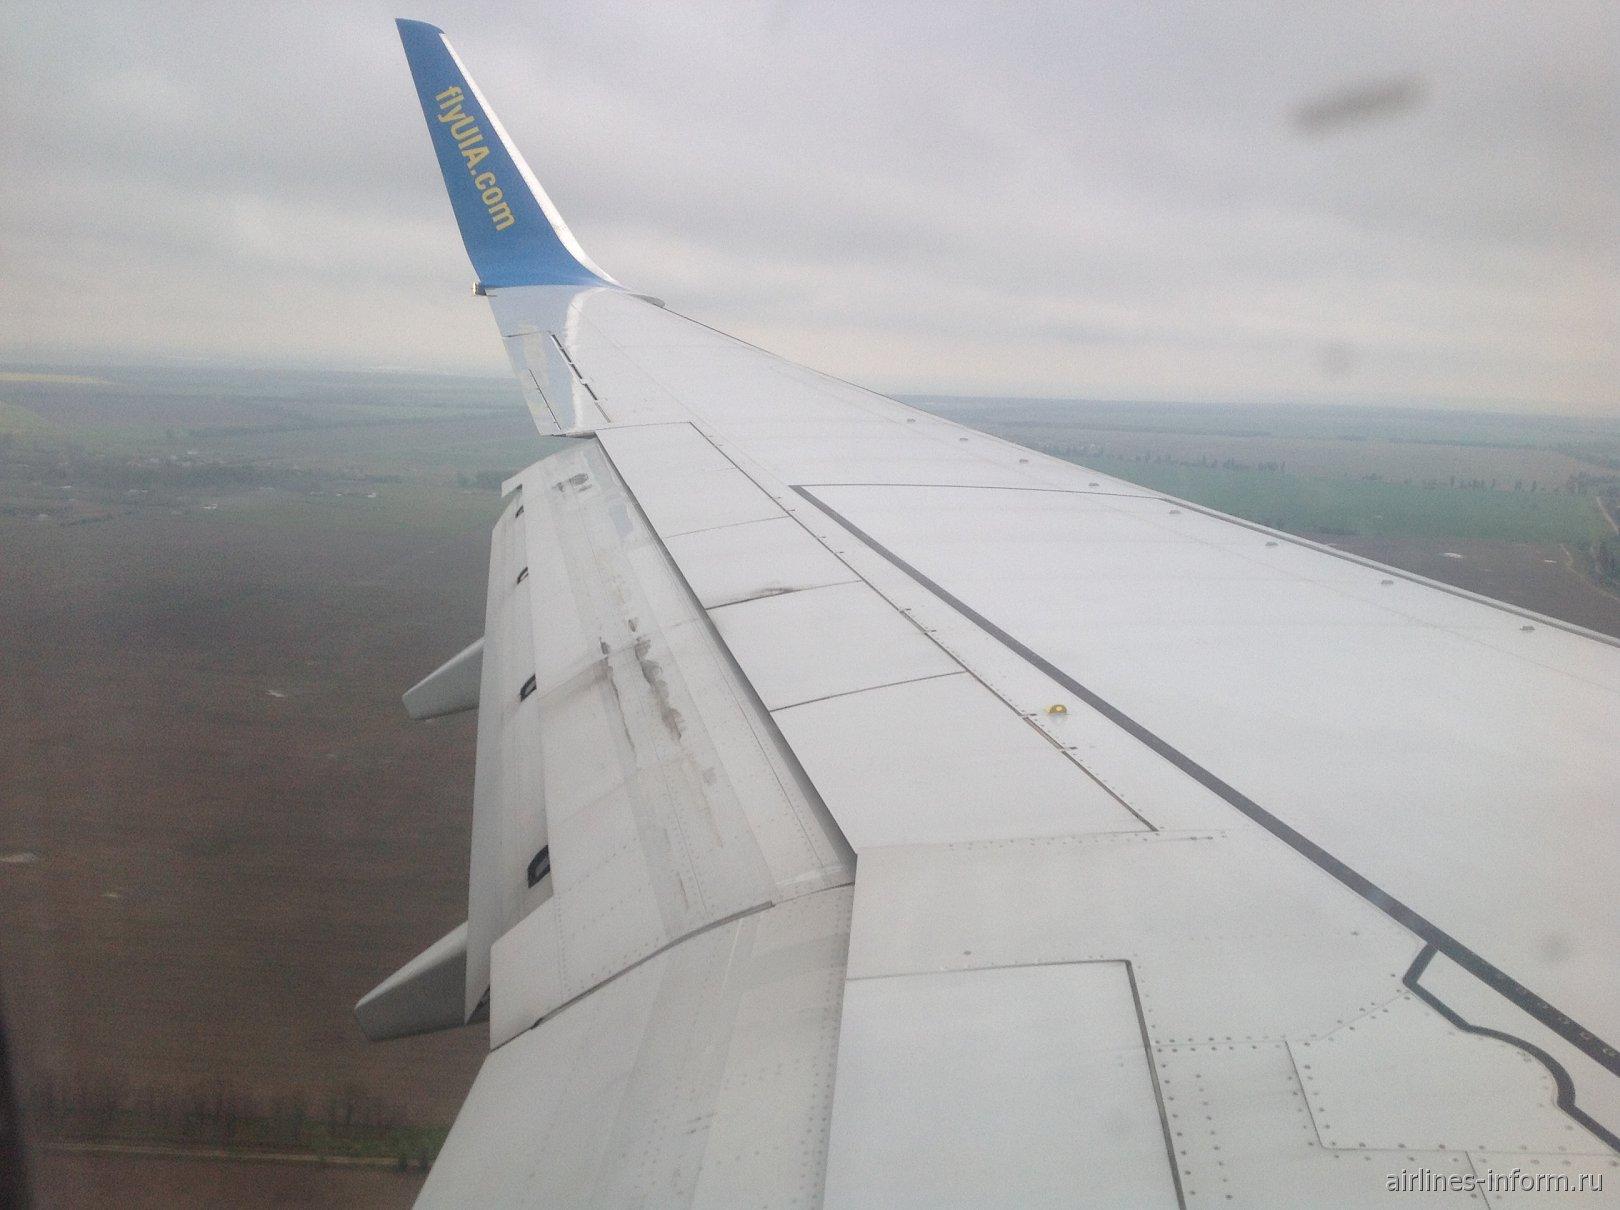 Под крыльями Евразии. Финальная часть Стамбул Ататюрк (IST) - Киев (КВР) с МАУ на Boeing 738